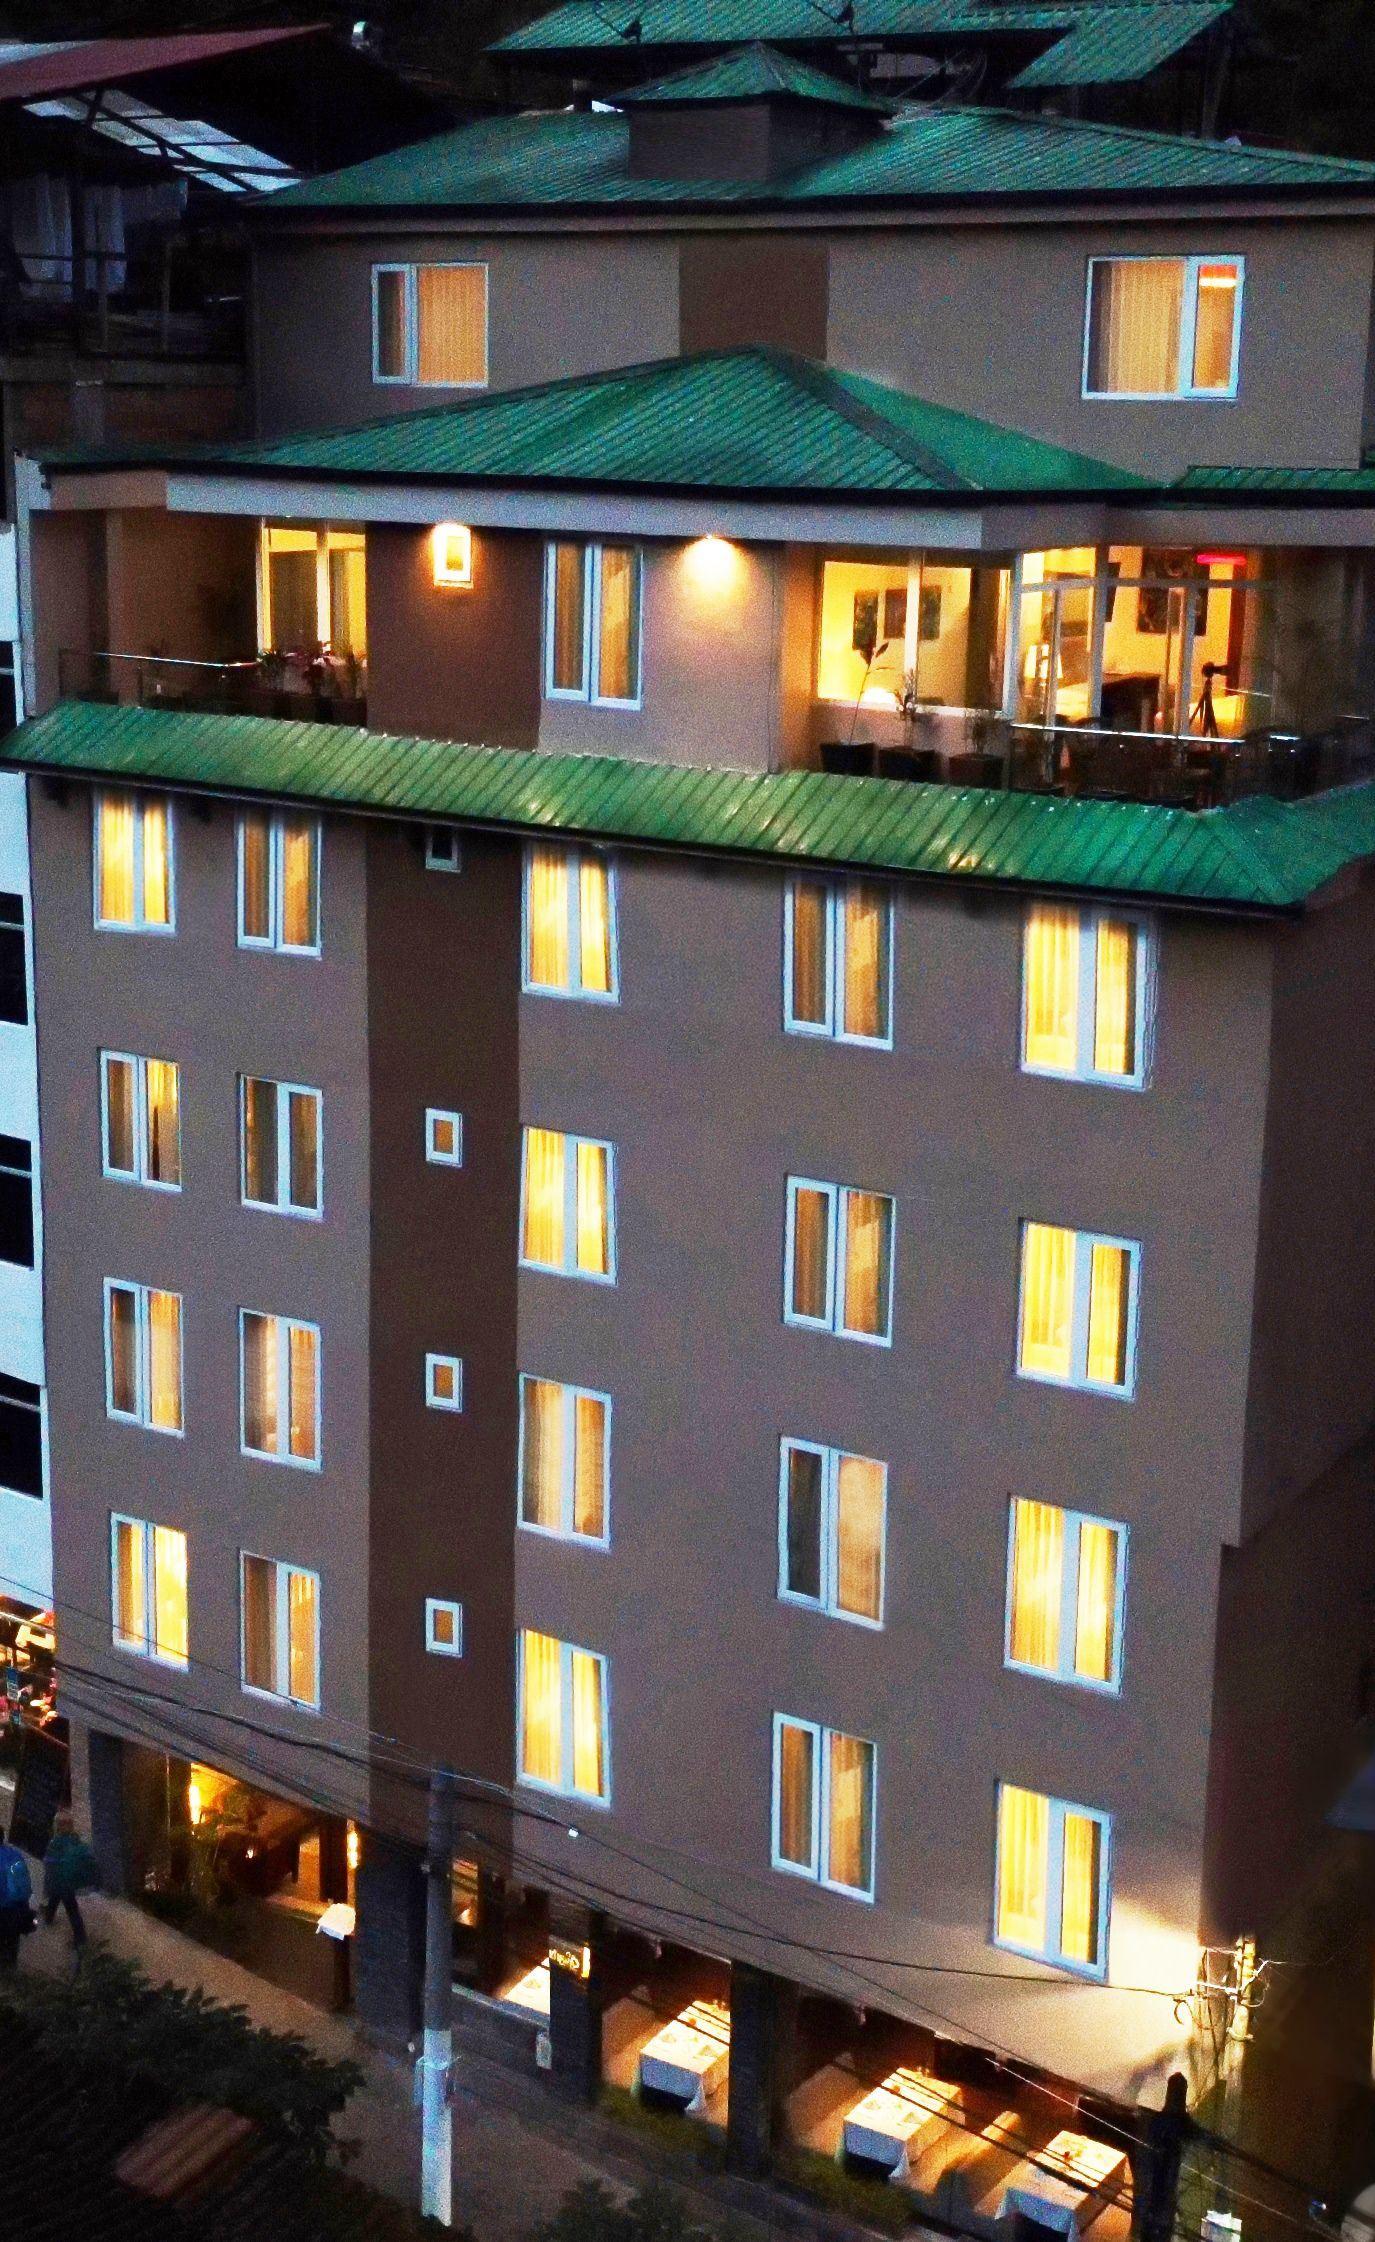 Inti Punku Hotel & Suites, Urubamba